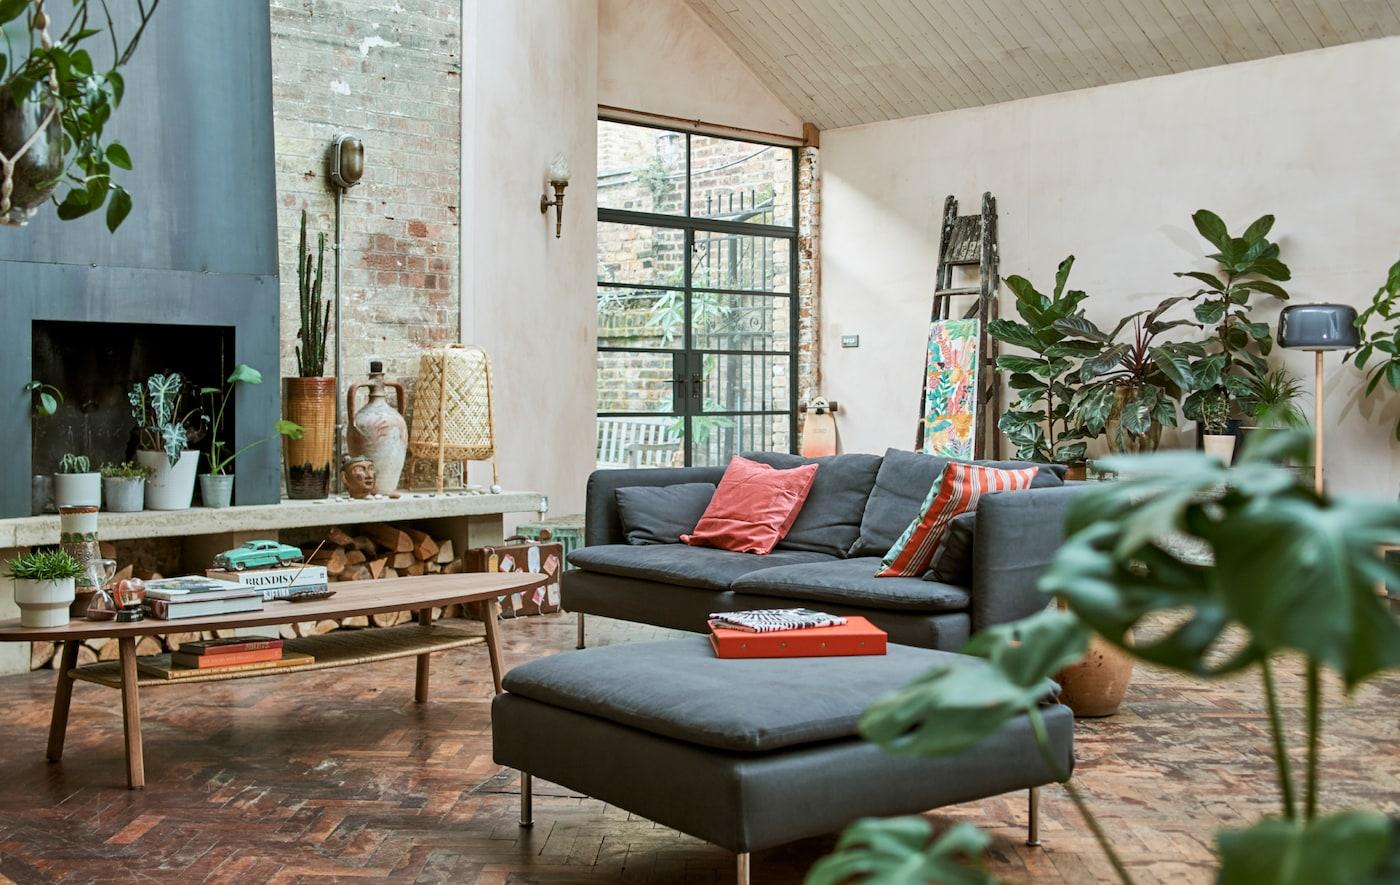 仓库风格的客厅配有砖墙、壁炉、镶木地板、蓝色沙发和脚凳、茶几和植物。